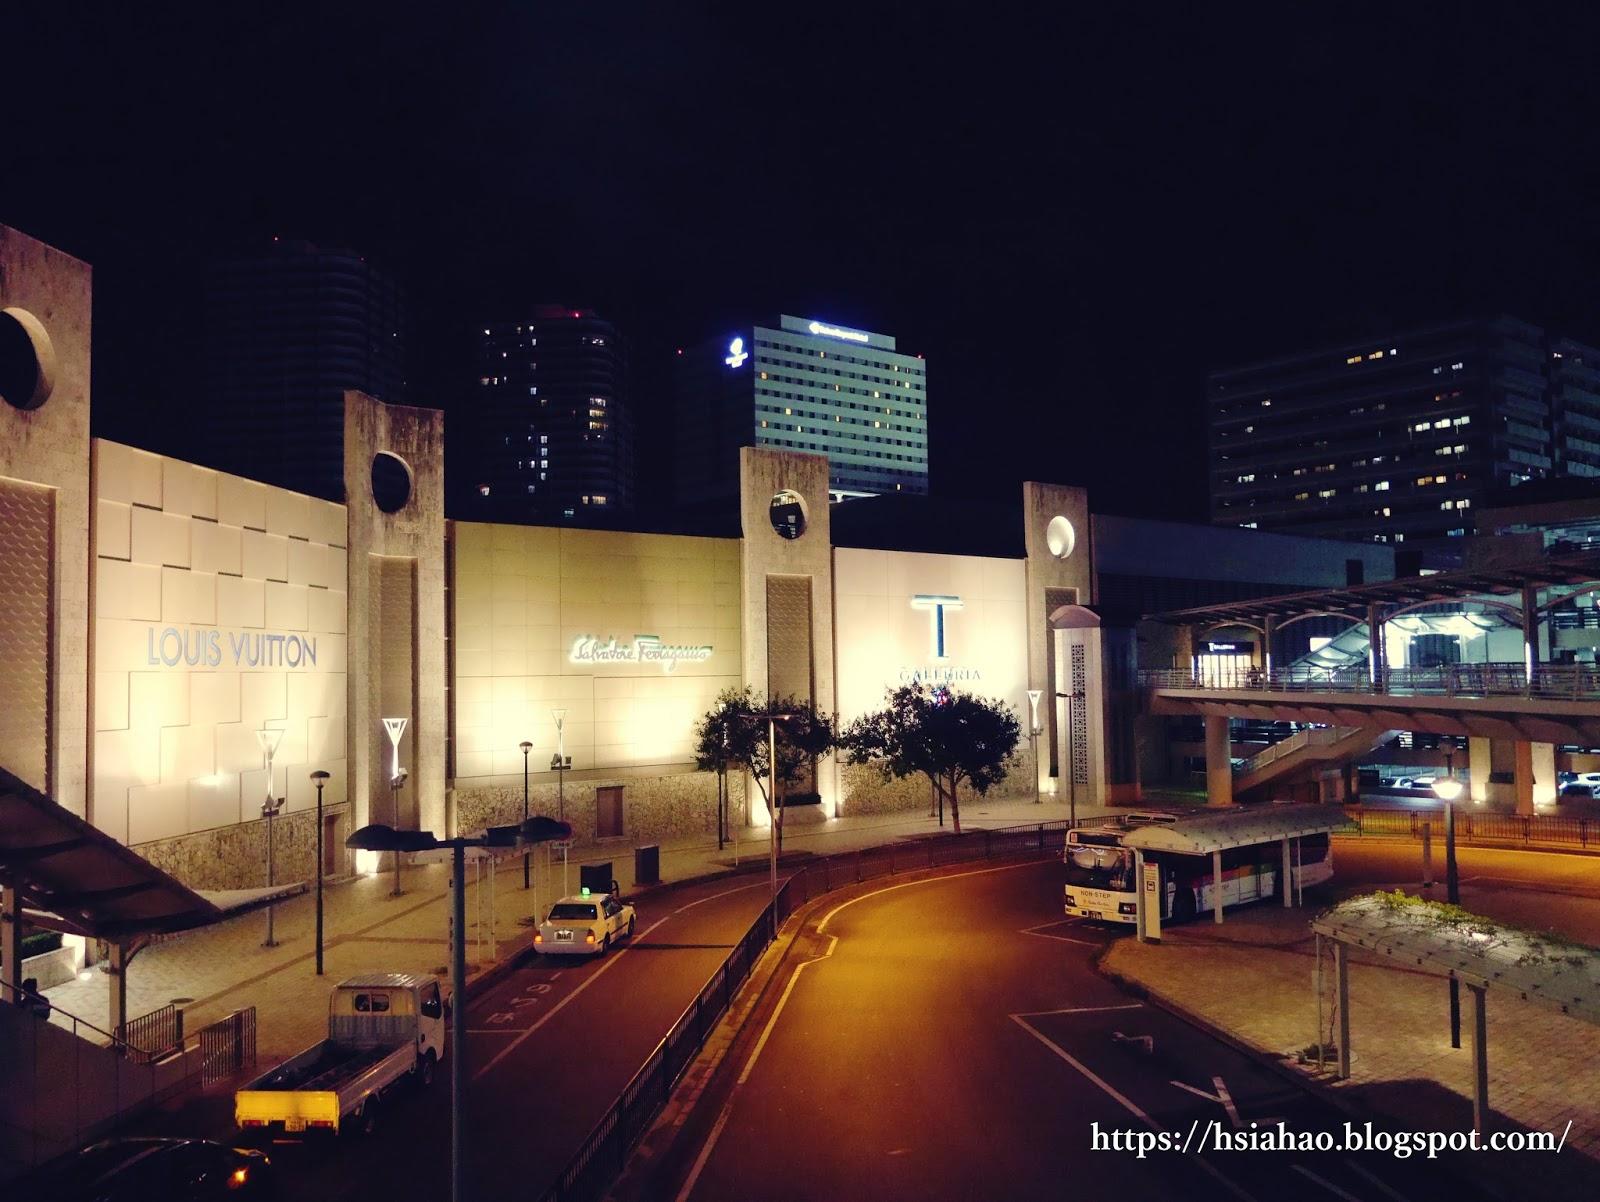 沖繩-景點-推薦-那霸-免稅店-DFS-T GALLERIA-OKINAWA-自由行-旅遊-Okinawa